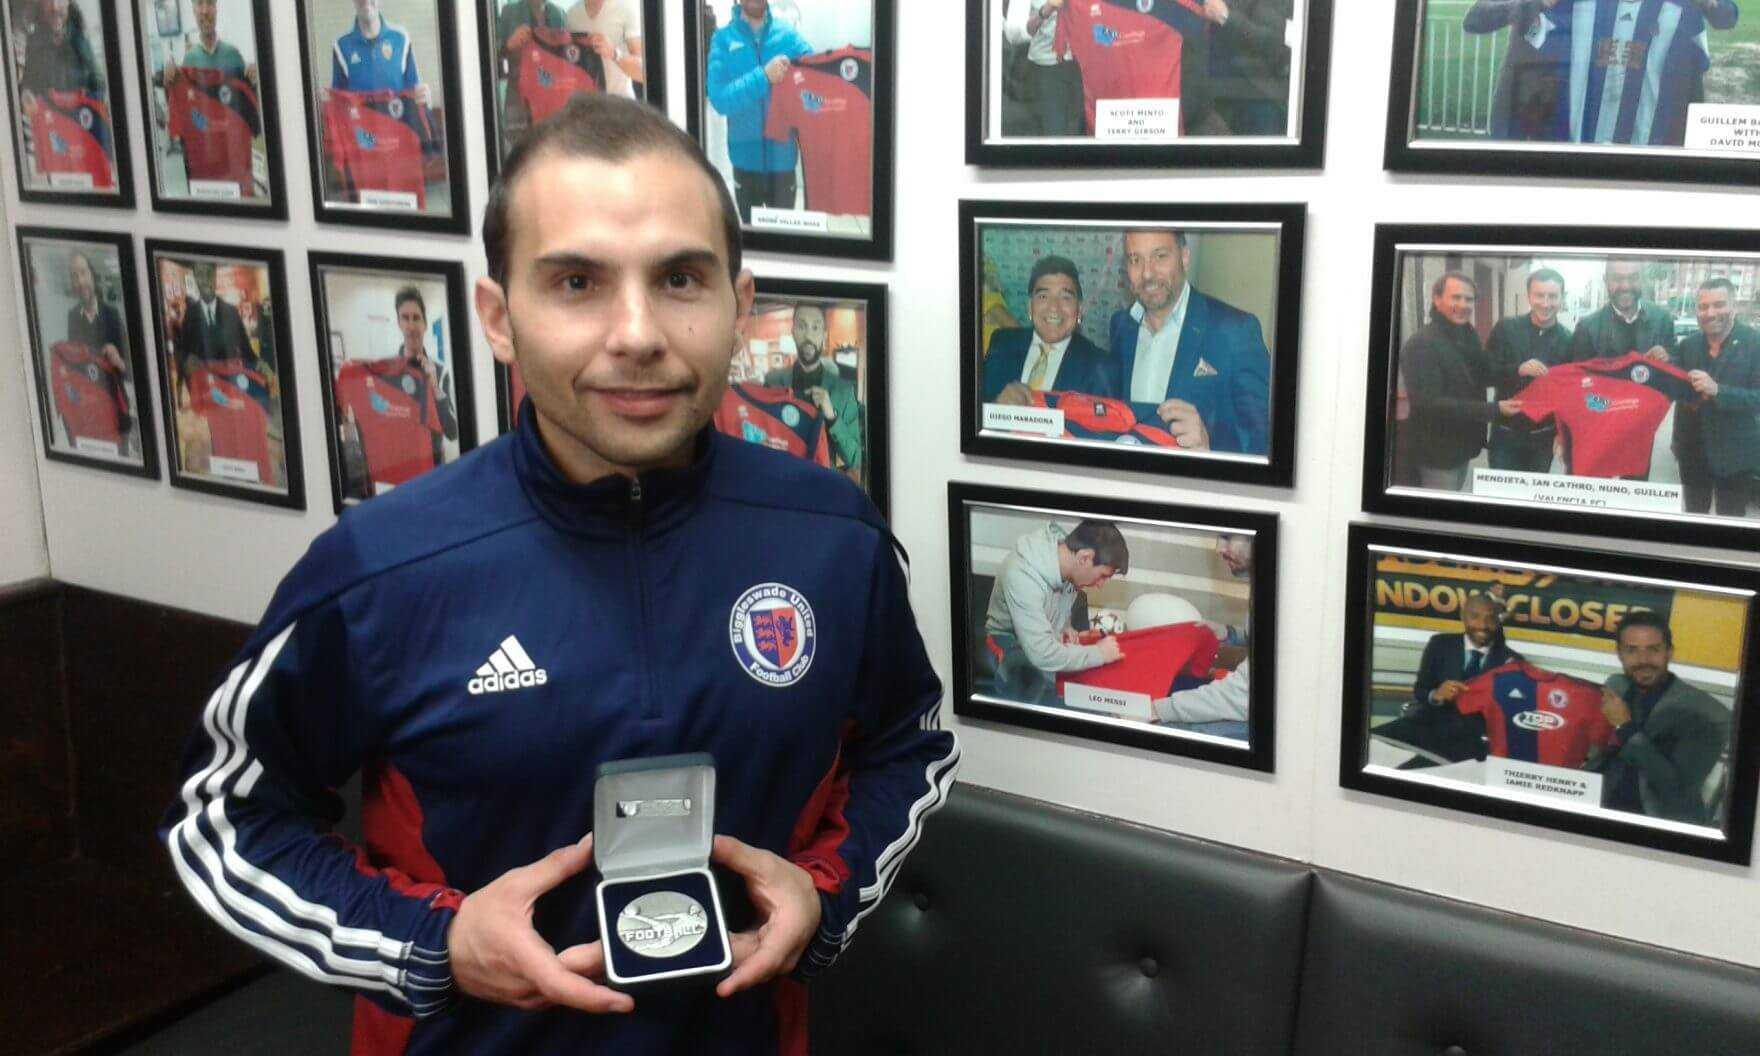 Con la Medalla de Subcampeón de la North Beds Charity Cup 2017